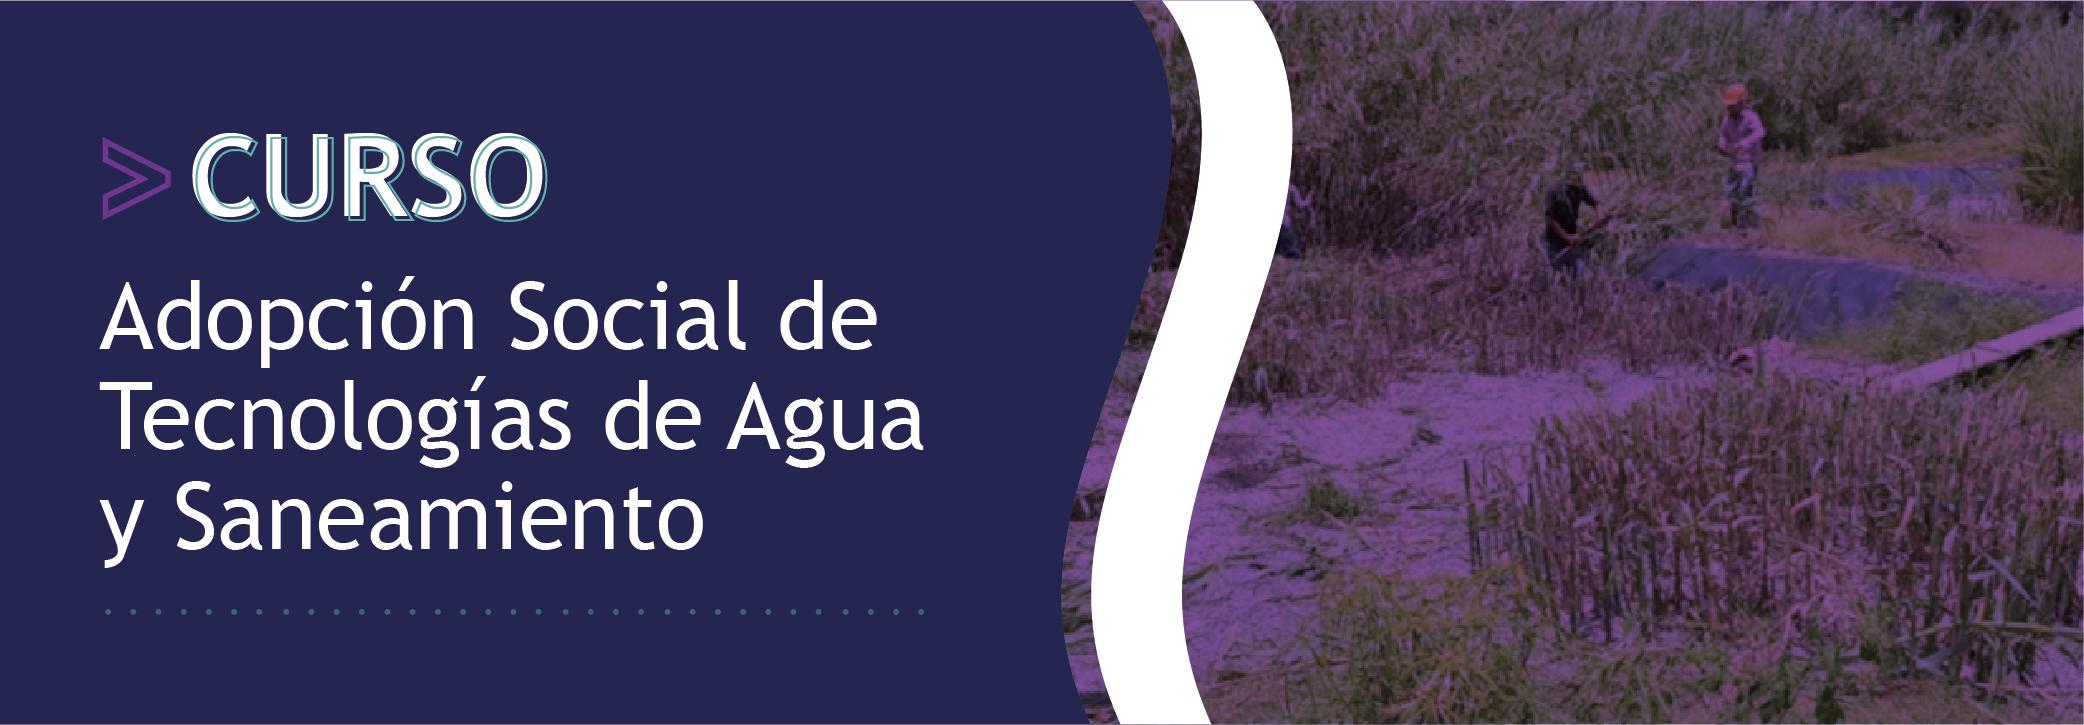 Adopción Social de Tecnologías de Agua y Saneamiento